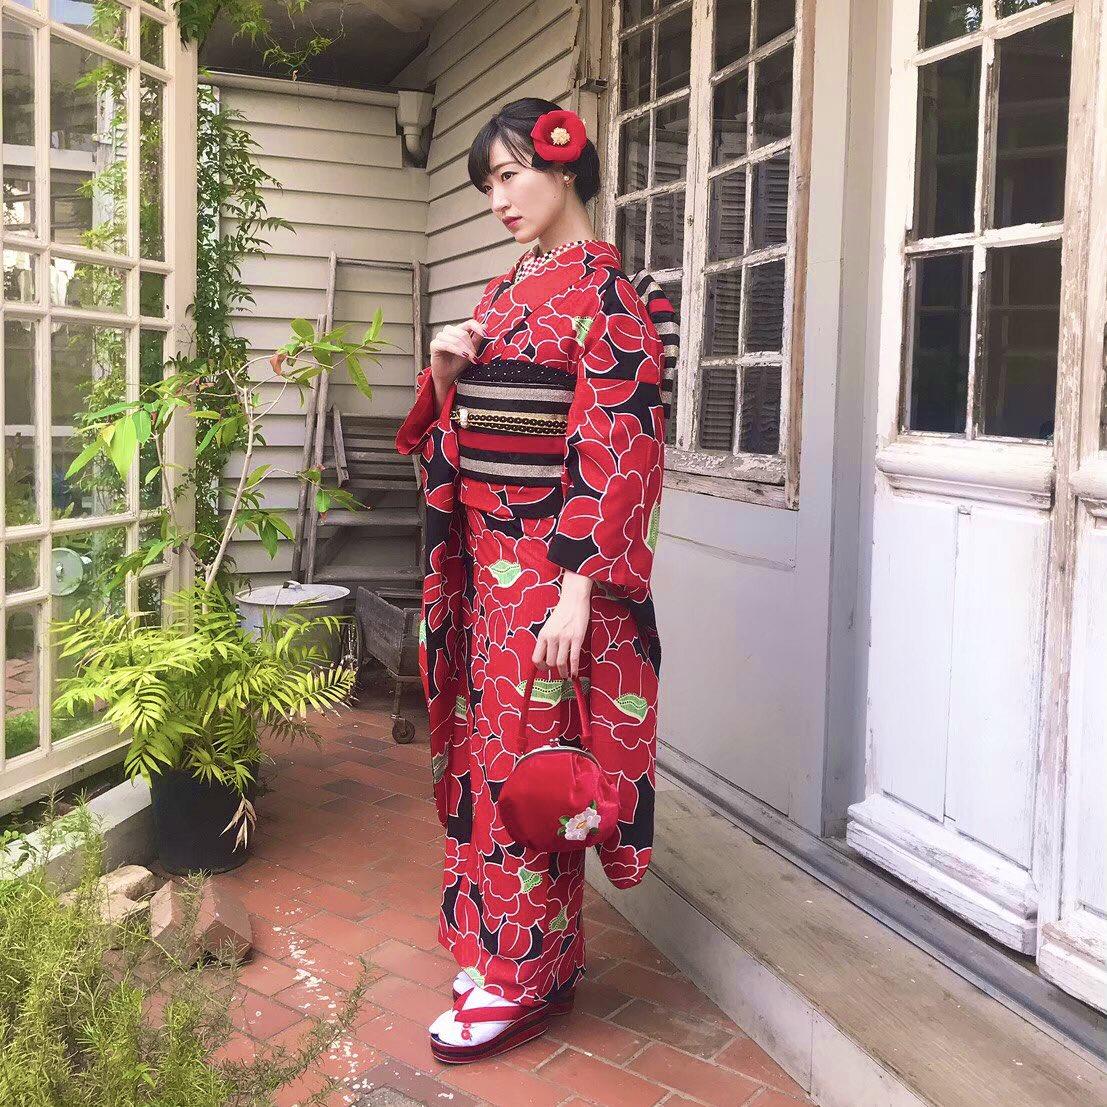 #前島亜美カレンダー2020 赤って、綺麗な色だなと思います。まもなく予約締切!お急ぎください♦️*受注締切 本日23:59→